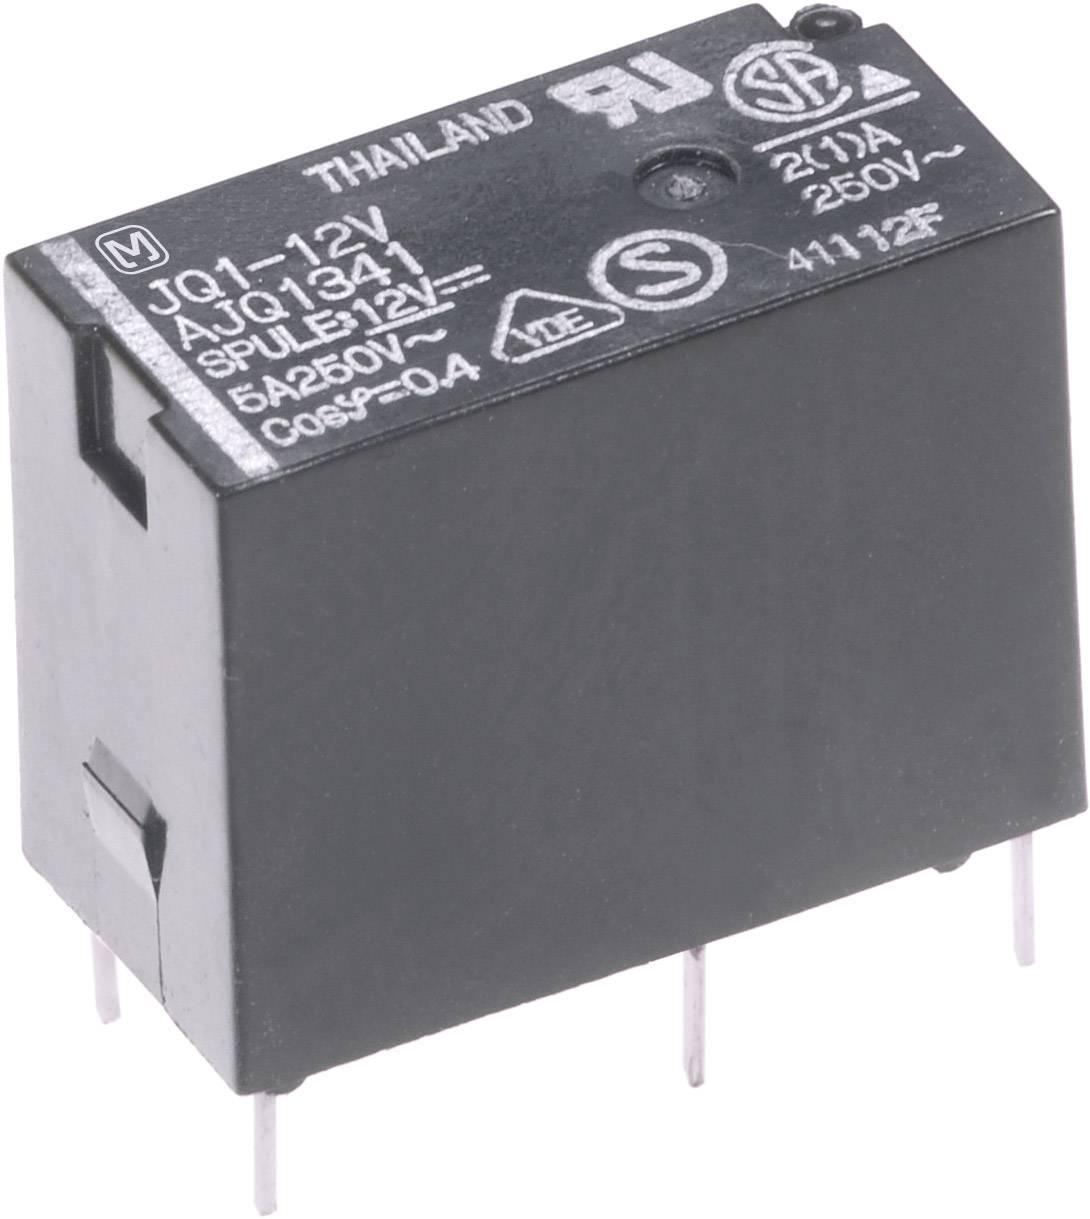 Výkonové relé JQ 5 A, Print Panasonic JQ1AB12F, JQ1AB12F, 200 mW, 5 A, 110 V/DC/250 V/AC 625 VA